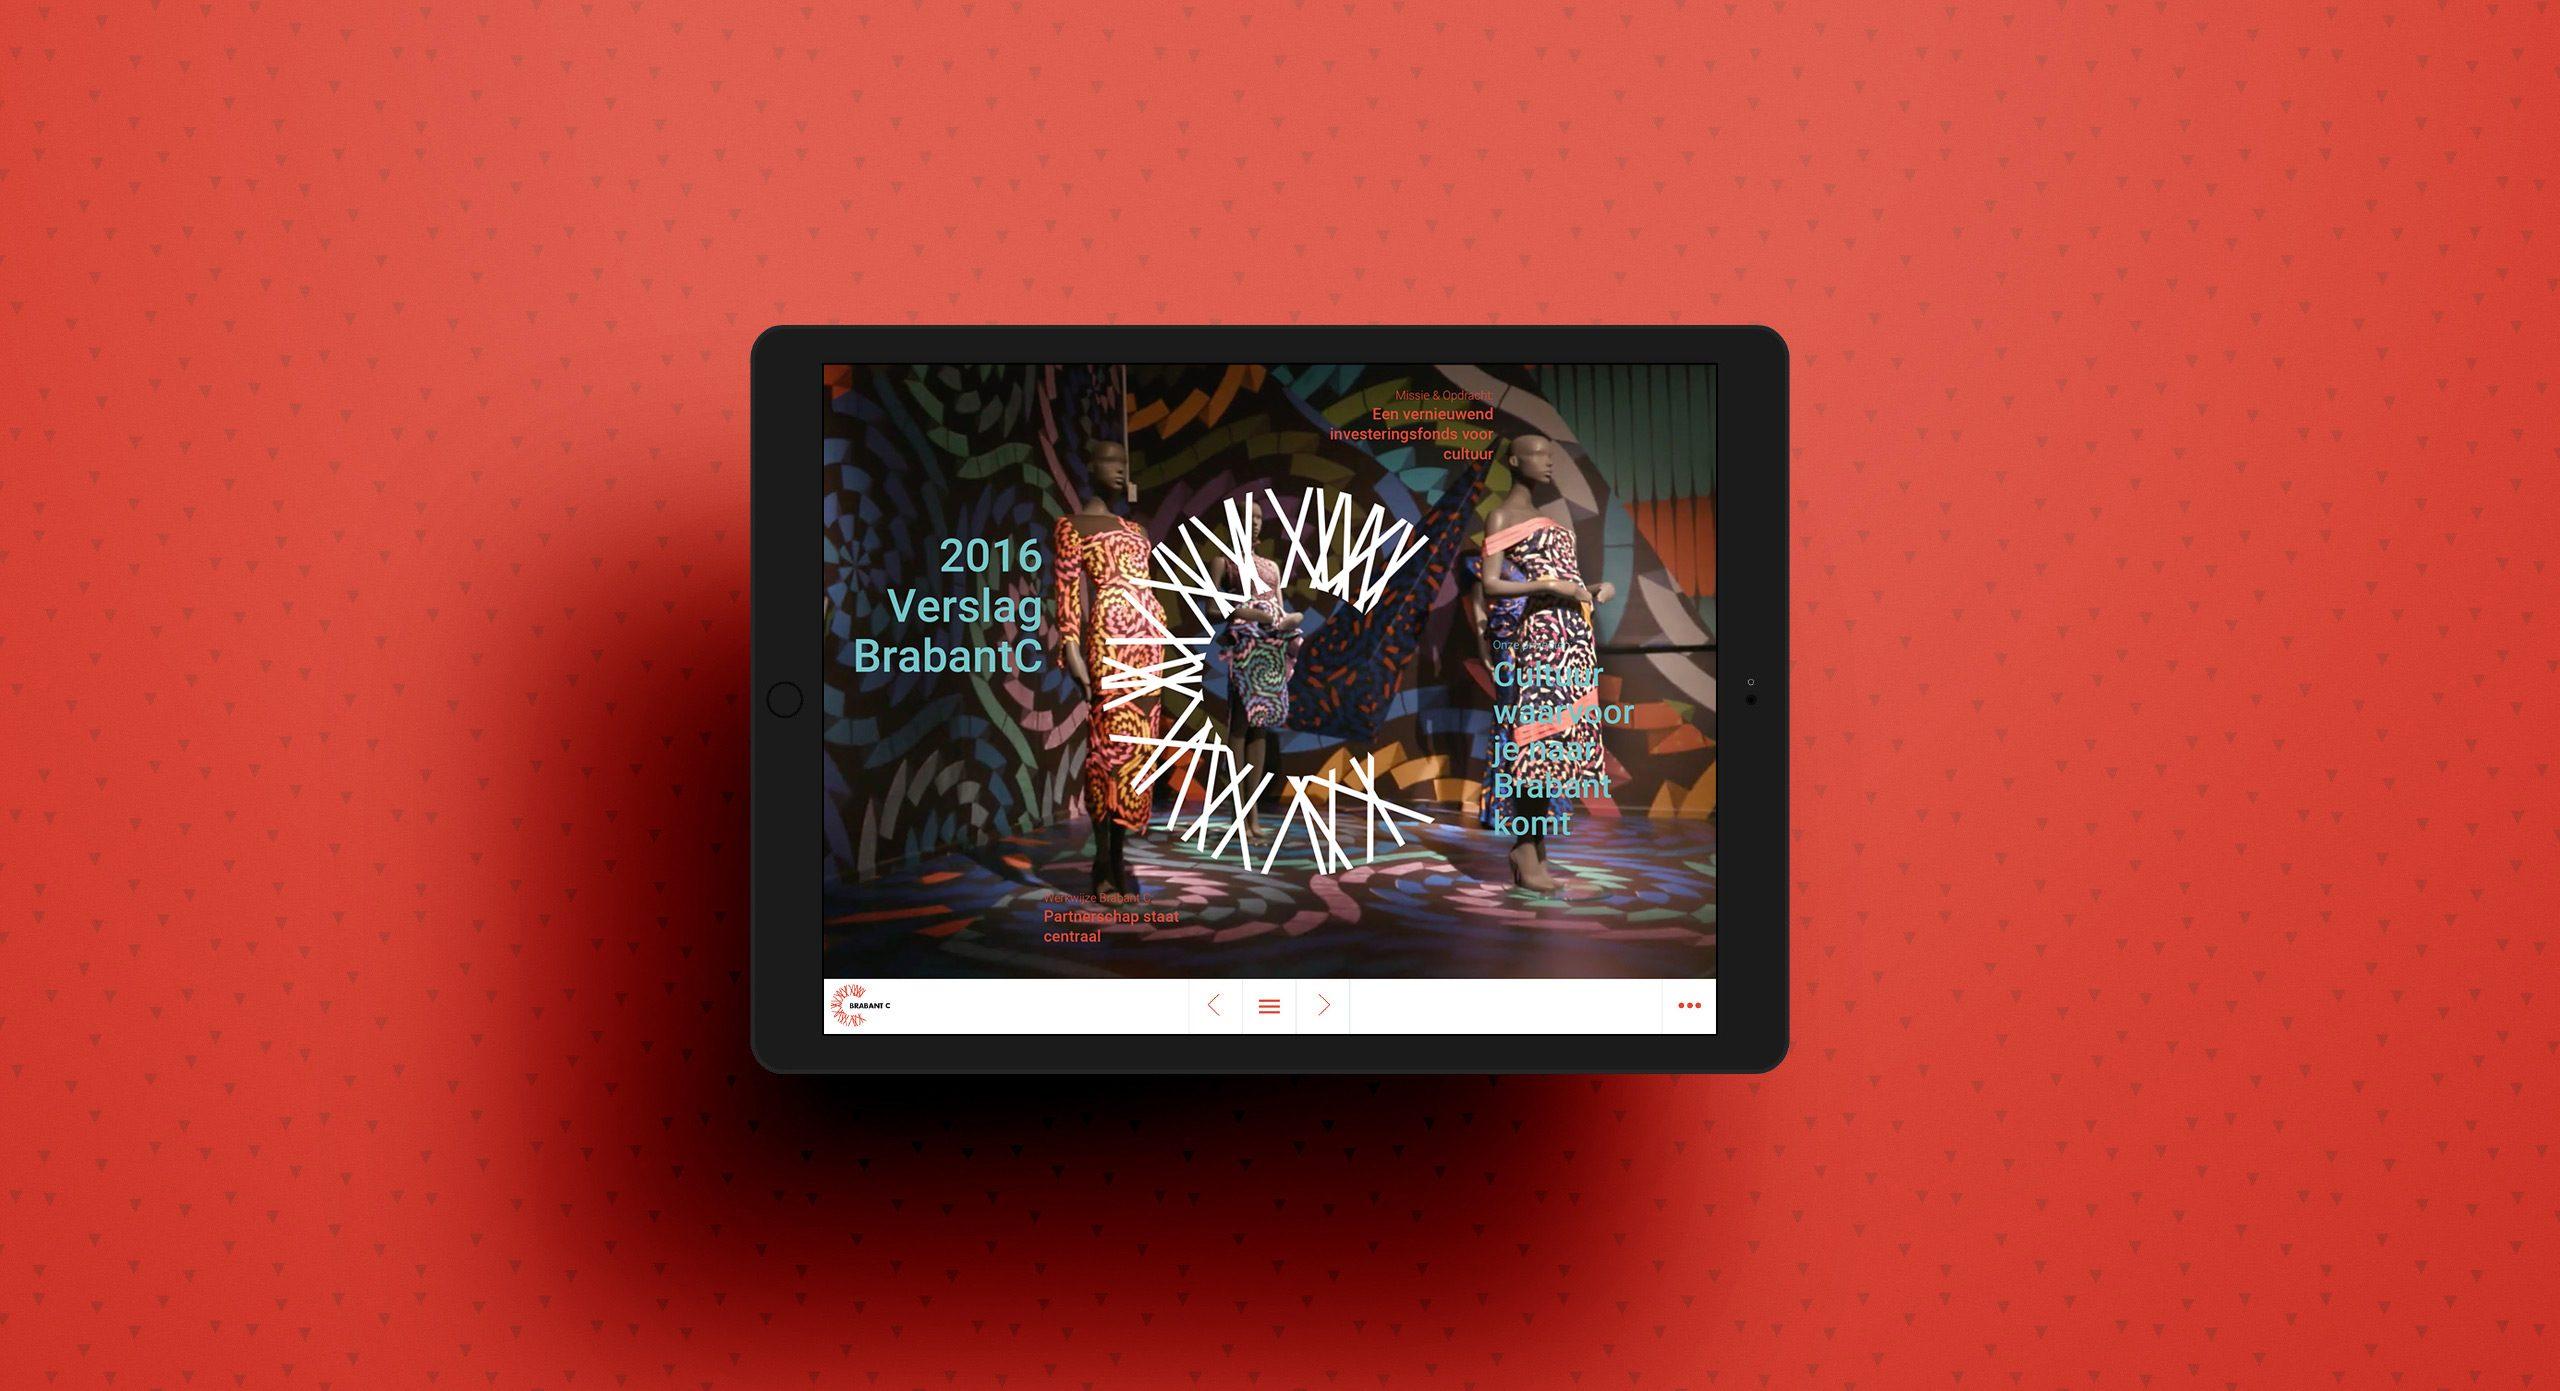 Responsive-online-magazine-jaarverslag-brabantc-digitaal-jaarverslag-dutchgiraffe2016–02